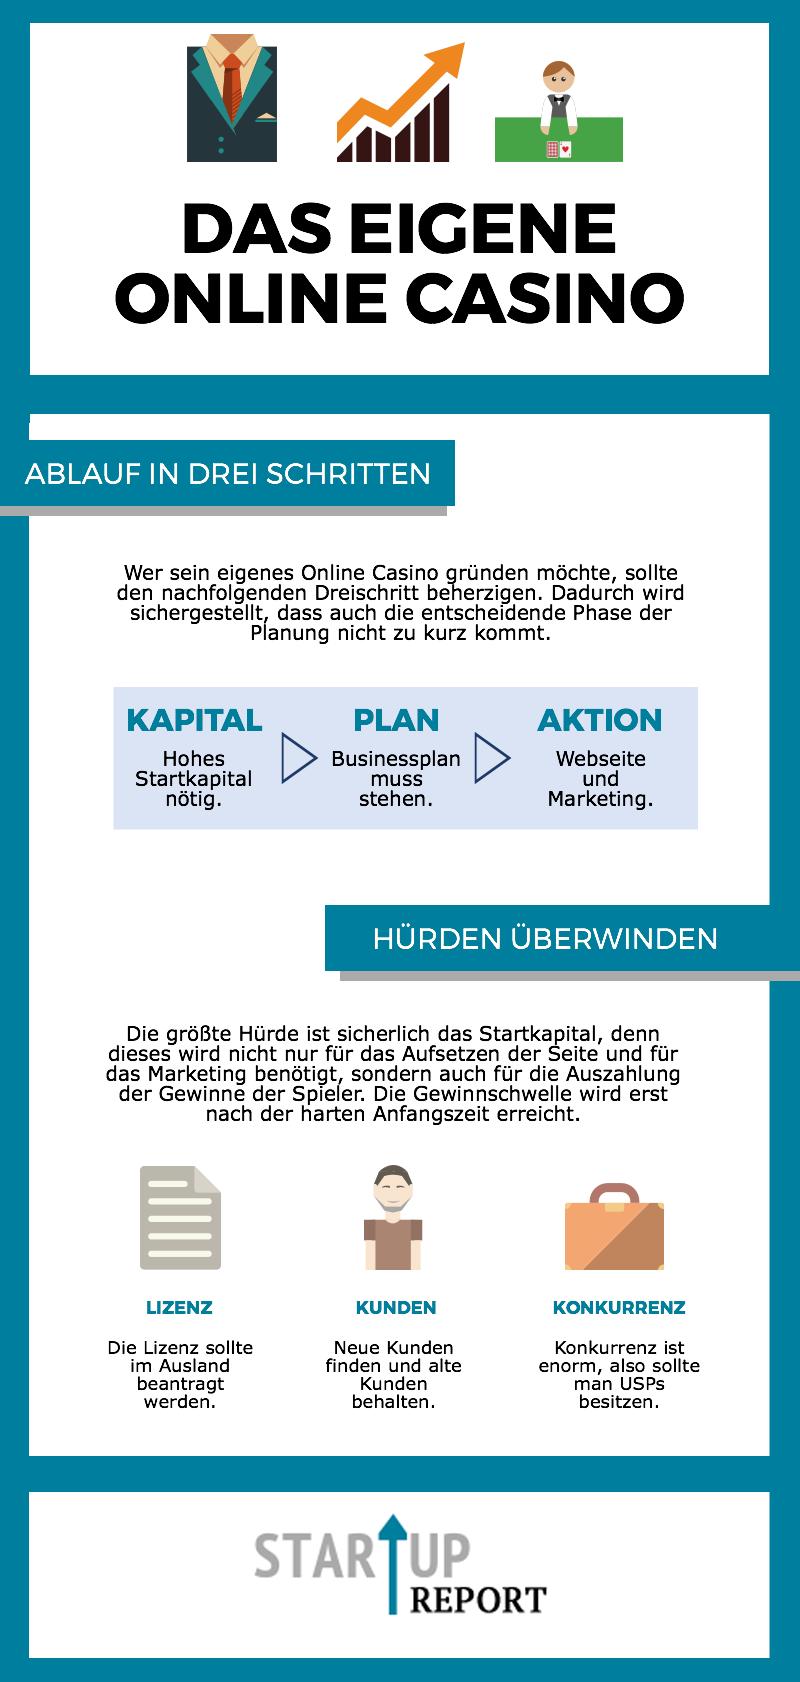 Infografik: Sein eigenes Online Casino zu eröffnen, ist nicht so einfach. Infografikquelle: startup-report.de